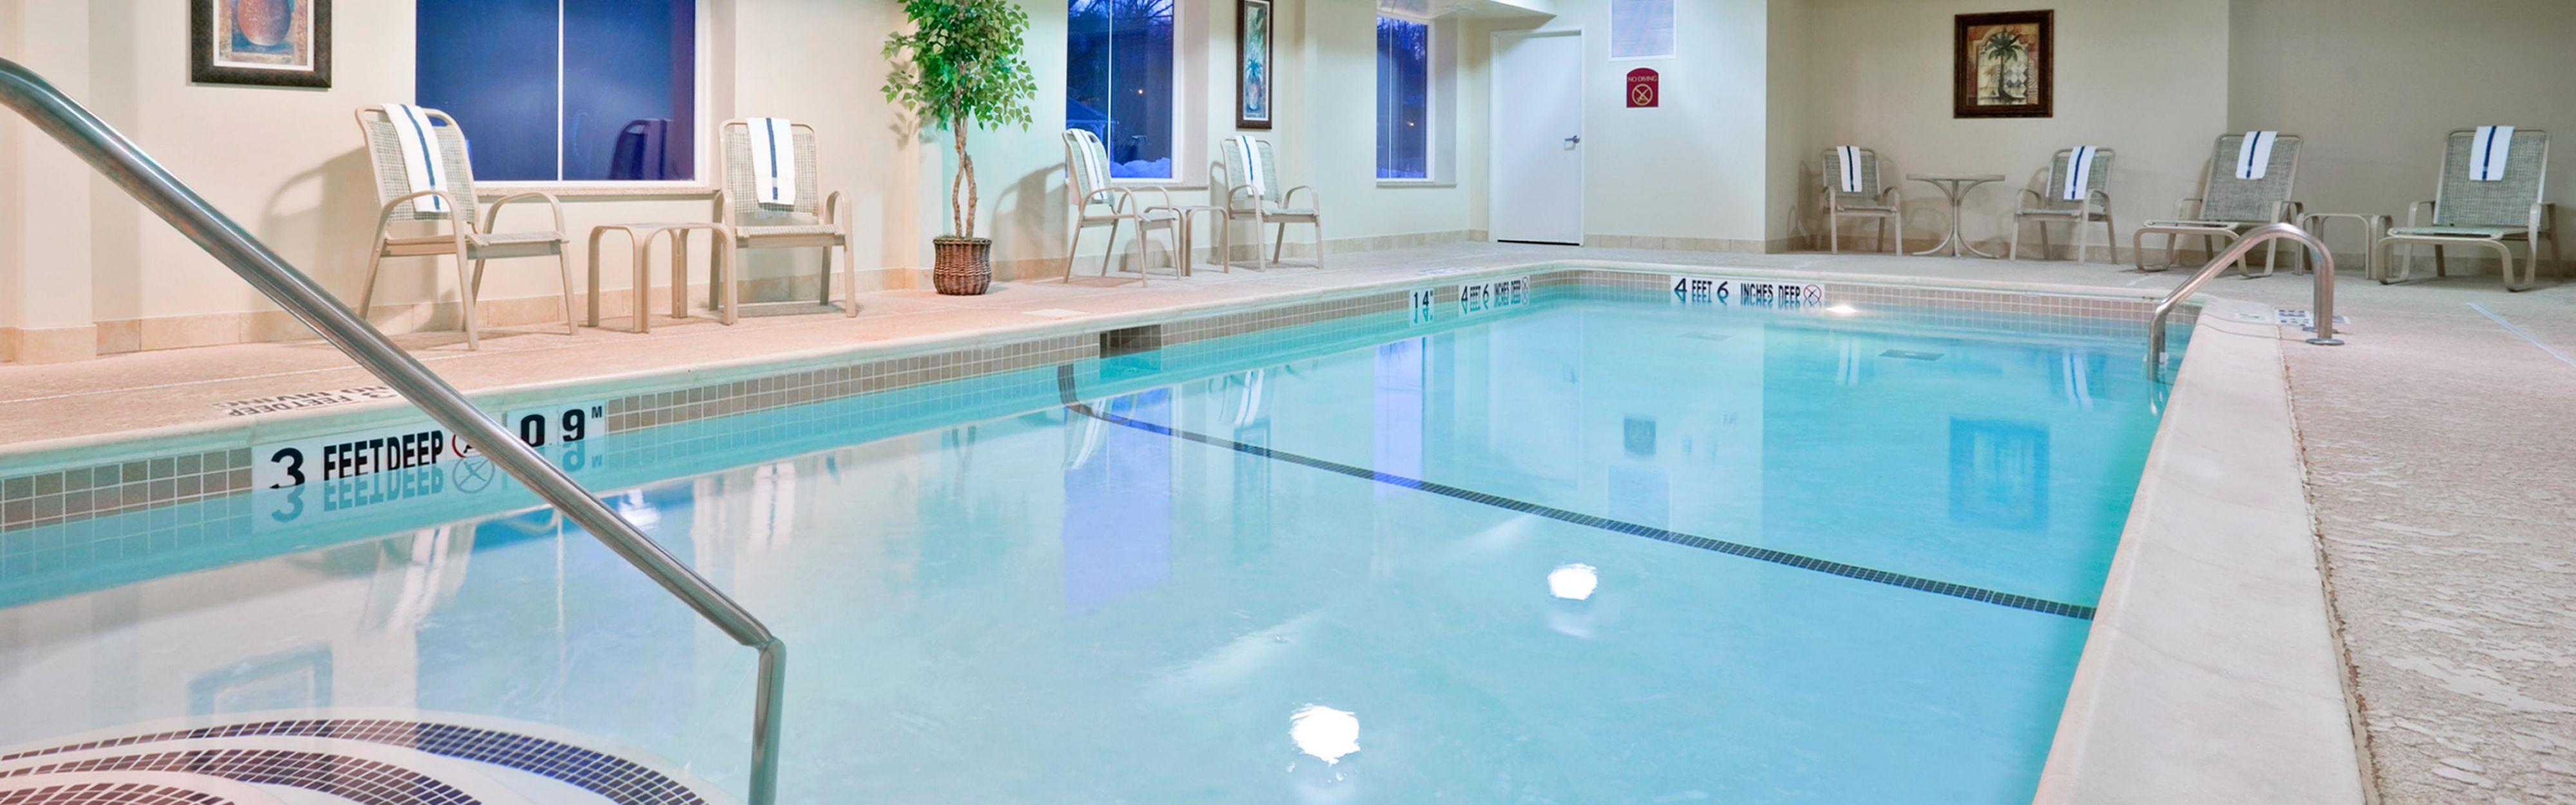 Holiday Inn Express Clifton Park Clifton Park New York Ny